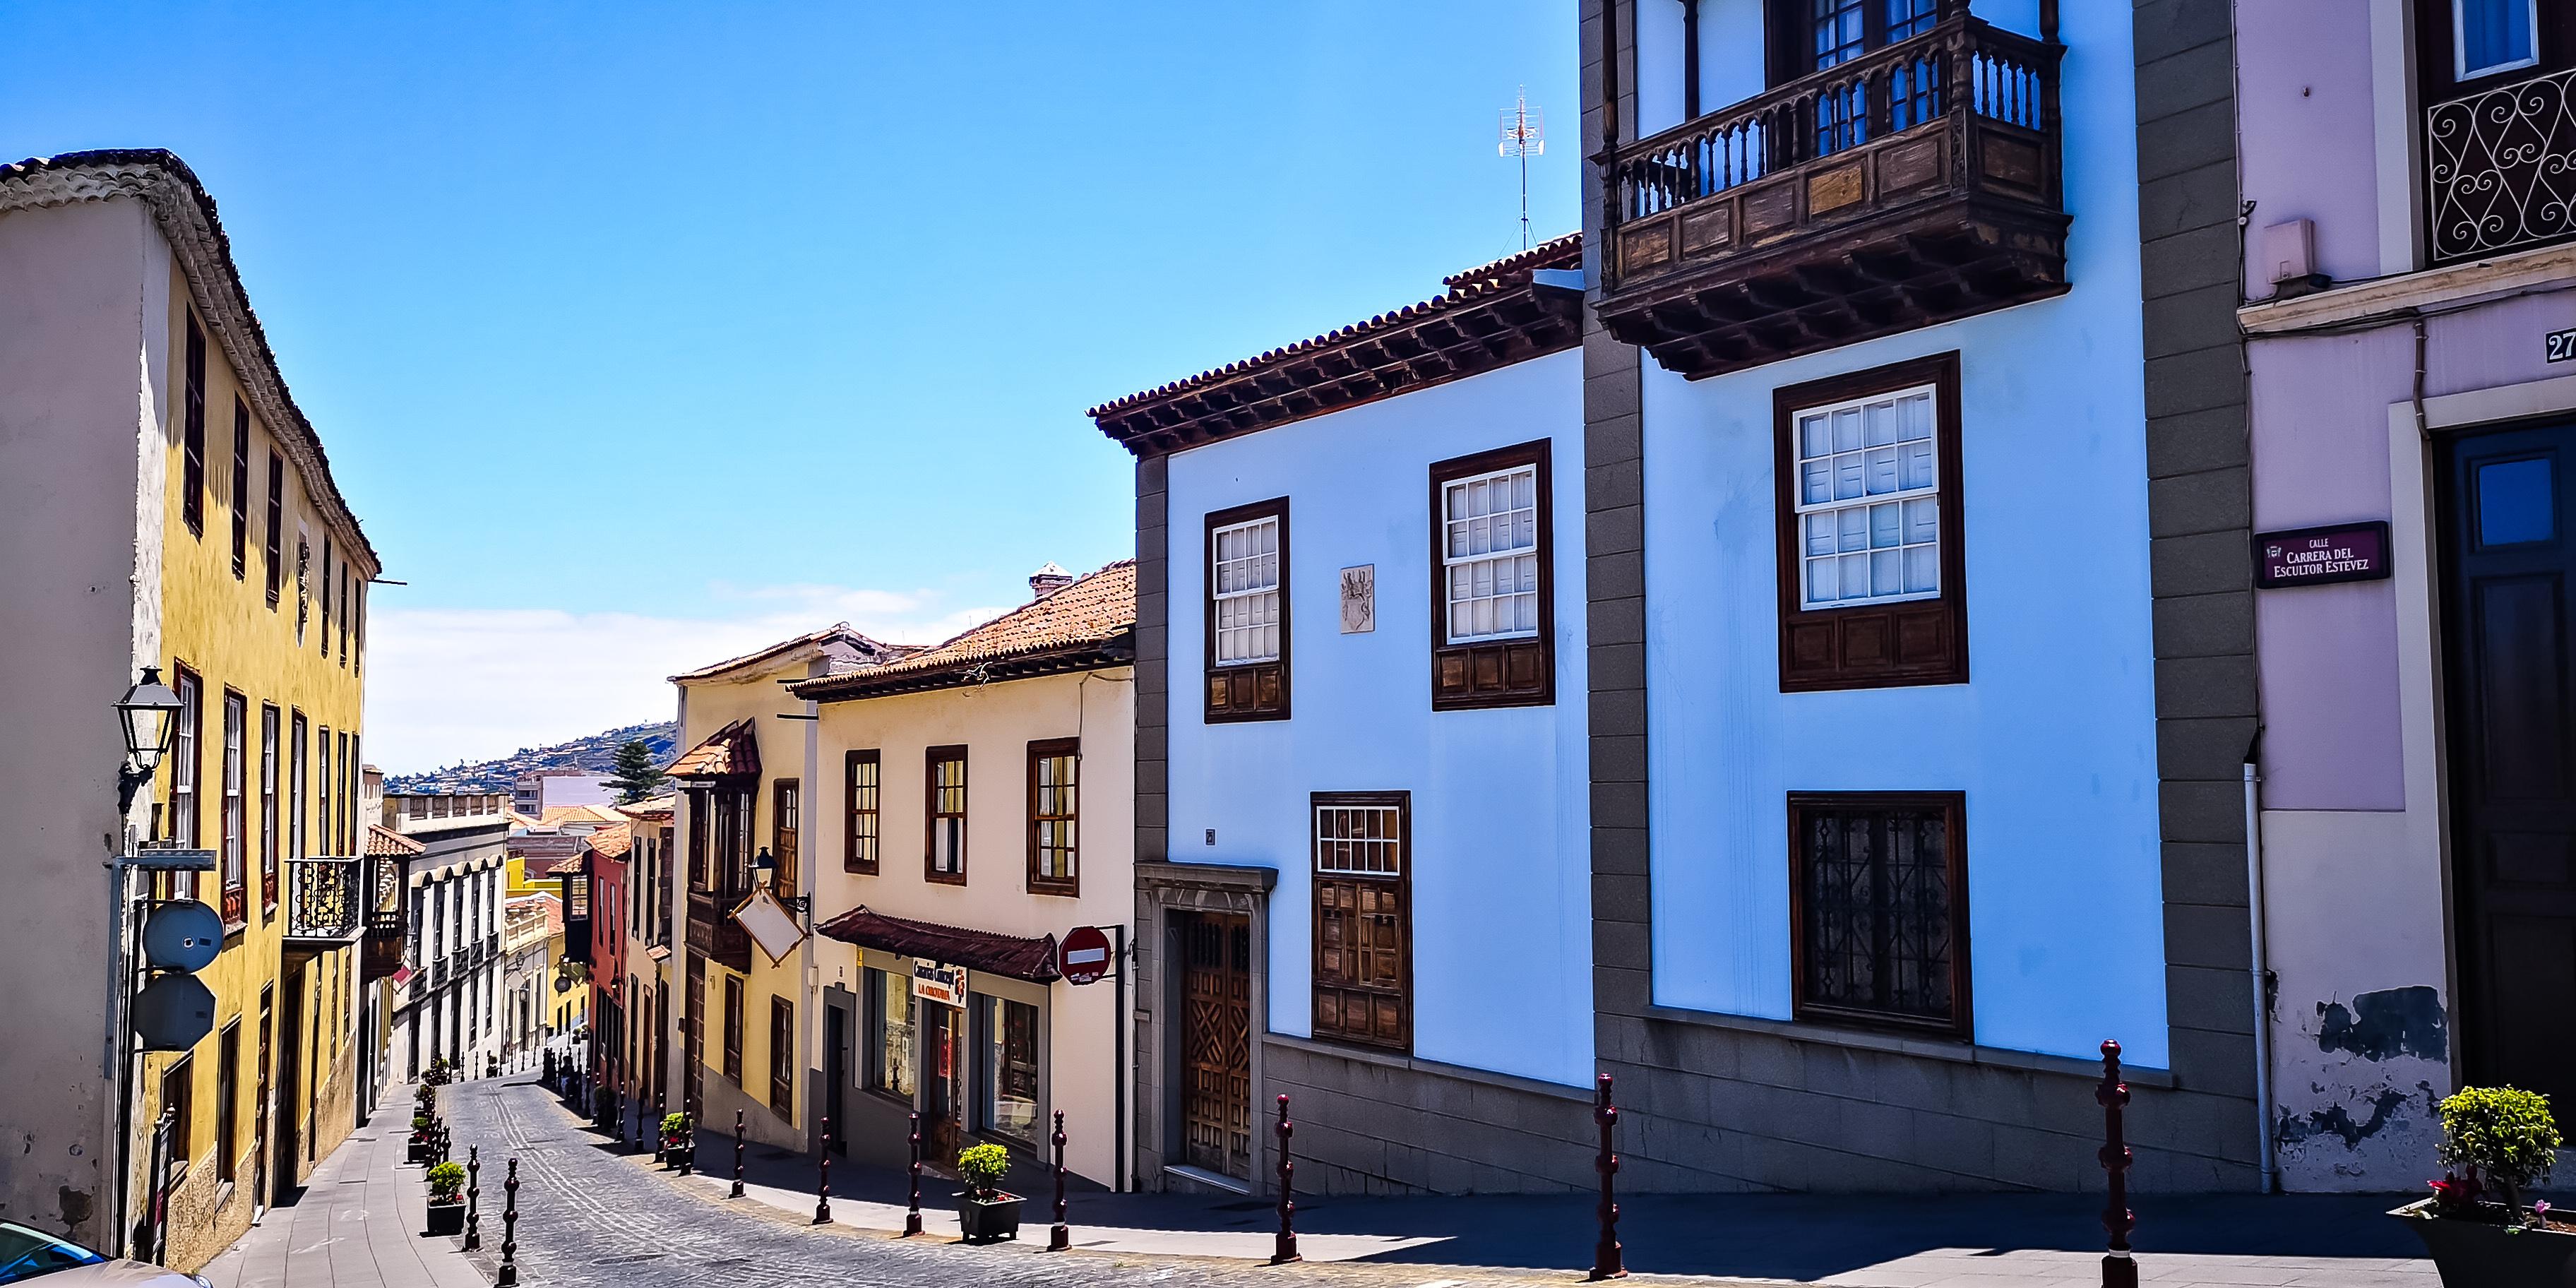 Самый старинный город наТенерифе —Ла Оротава!